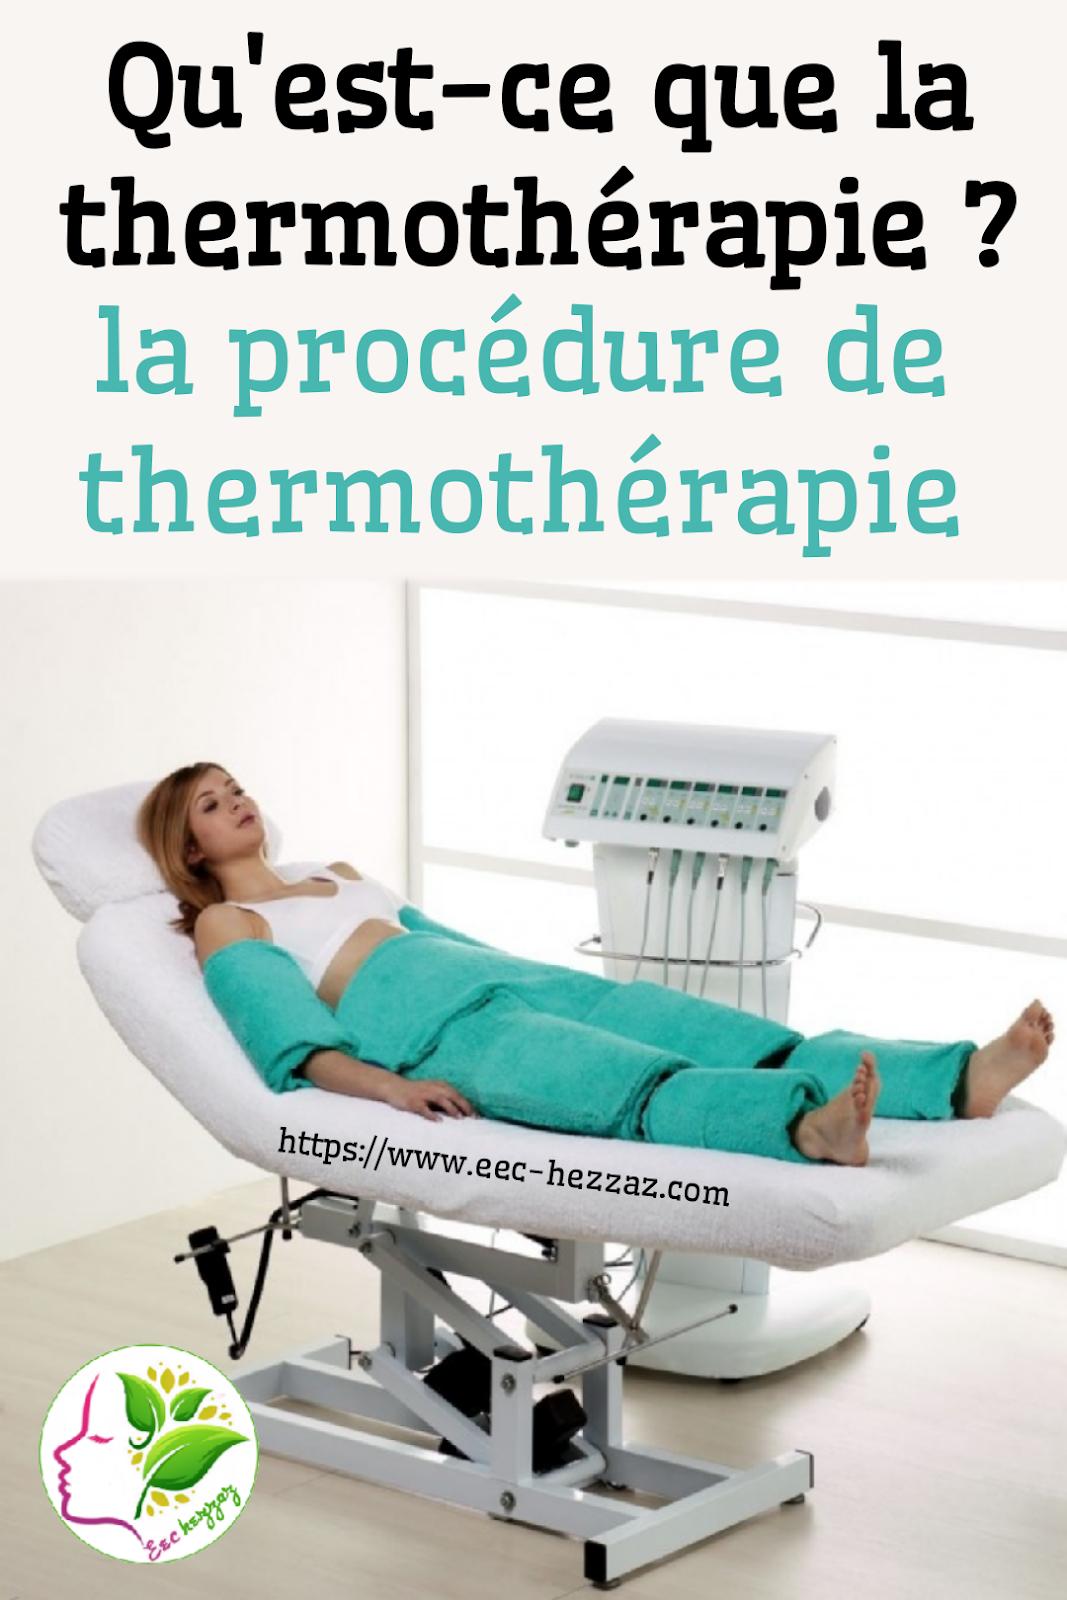 Qu'est-ce que la thermothérapie ? la procédure de thermothérapie